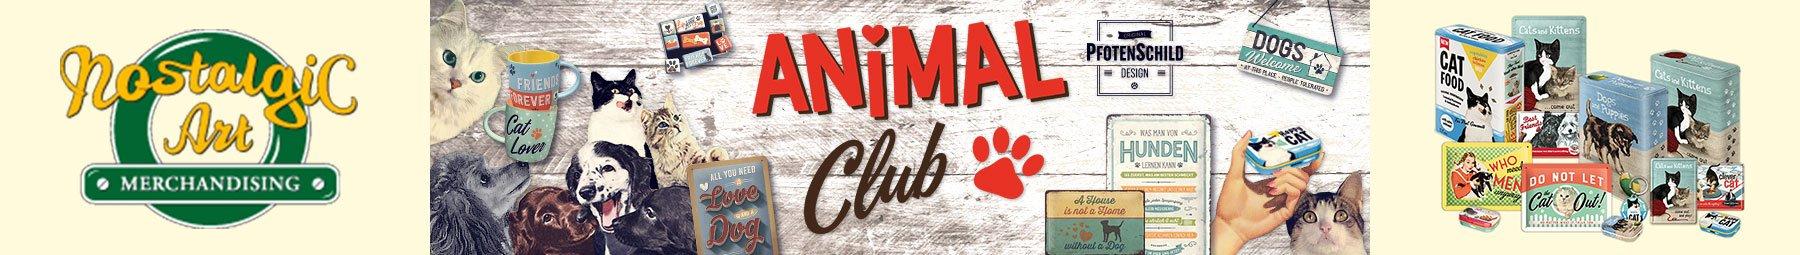 Nostalgic Art Animal Club Retro Artikel für Hunde und Katzen Liebhaber